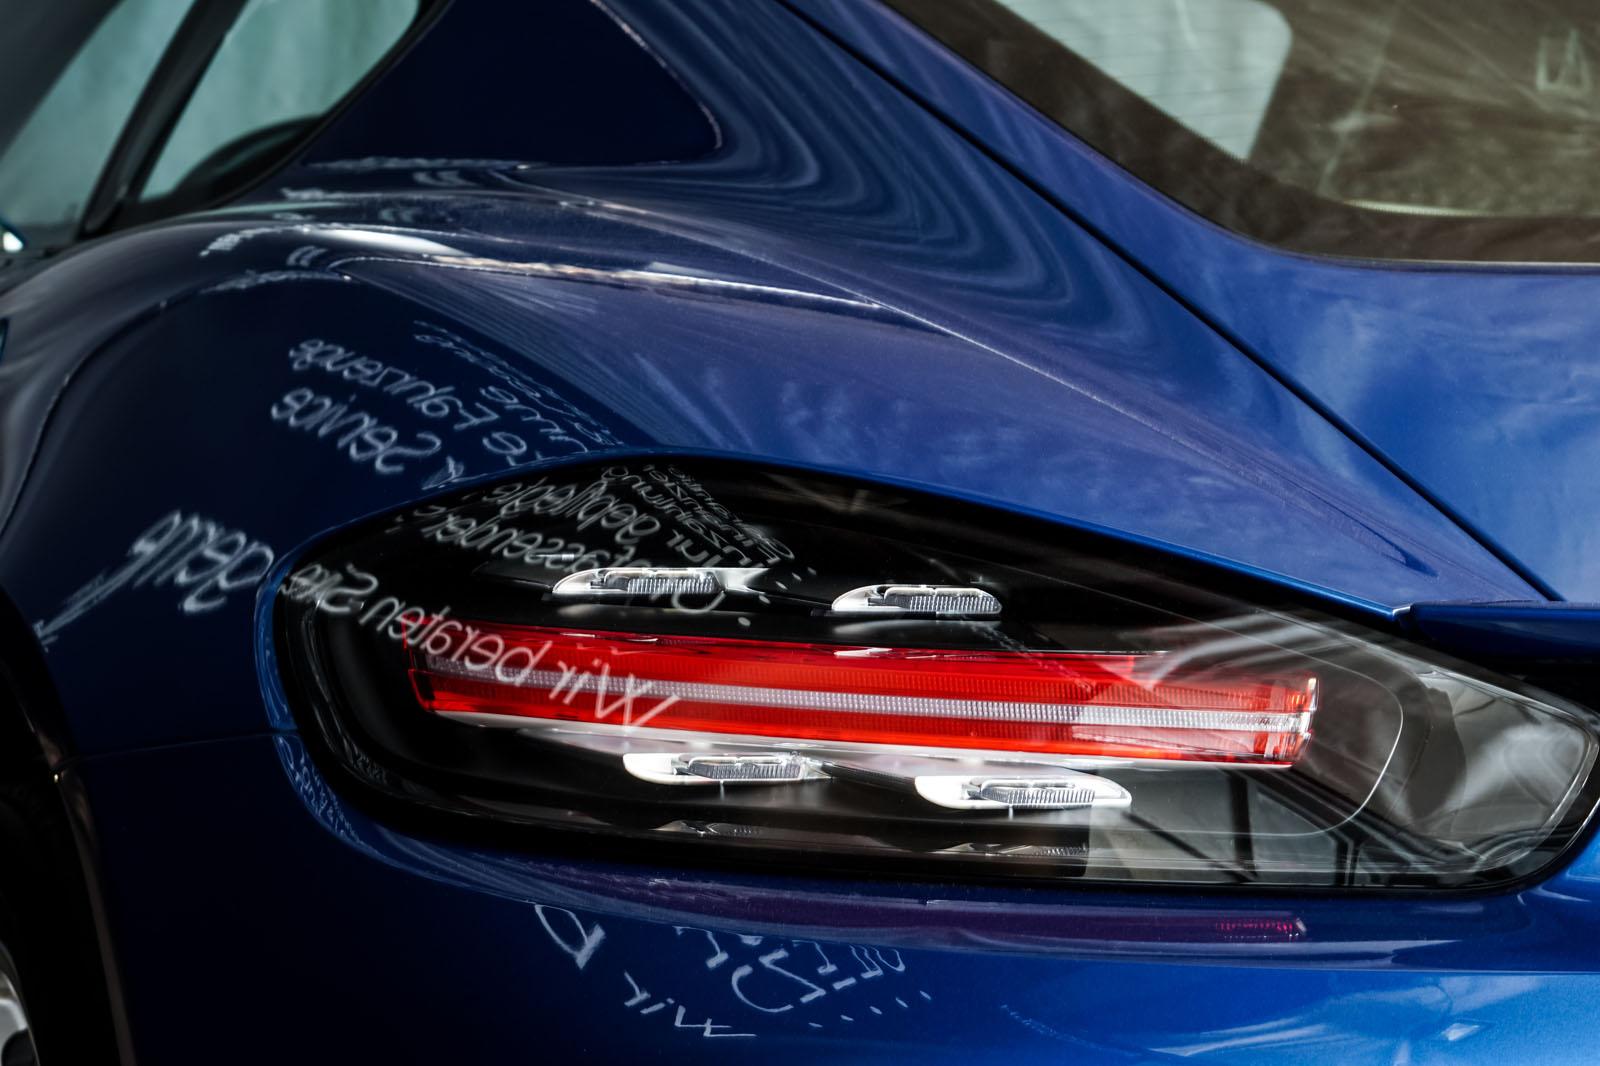 Porsche_Cayman_Blau_Schwarz_POR-0613_19_w